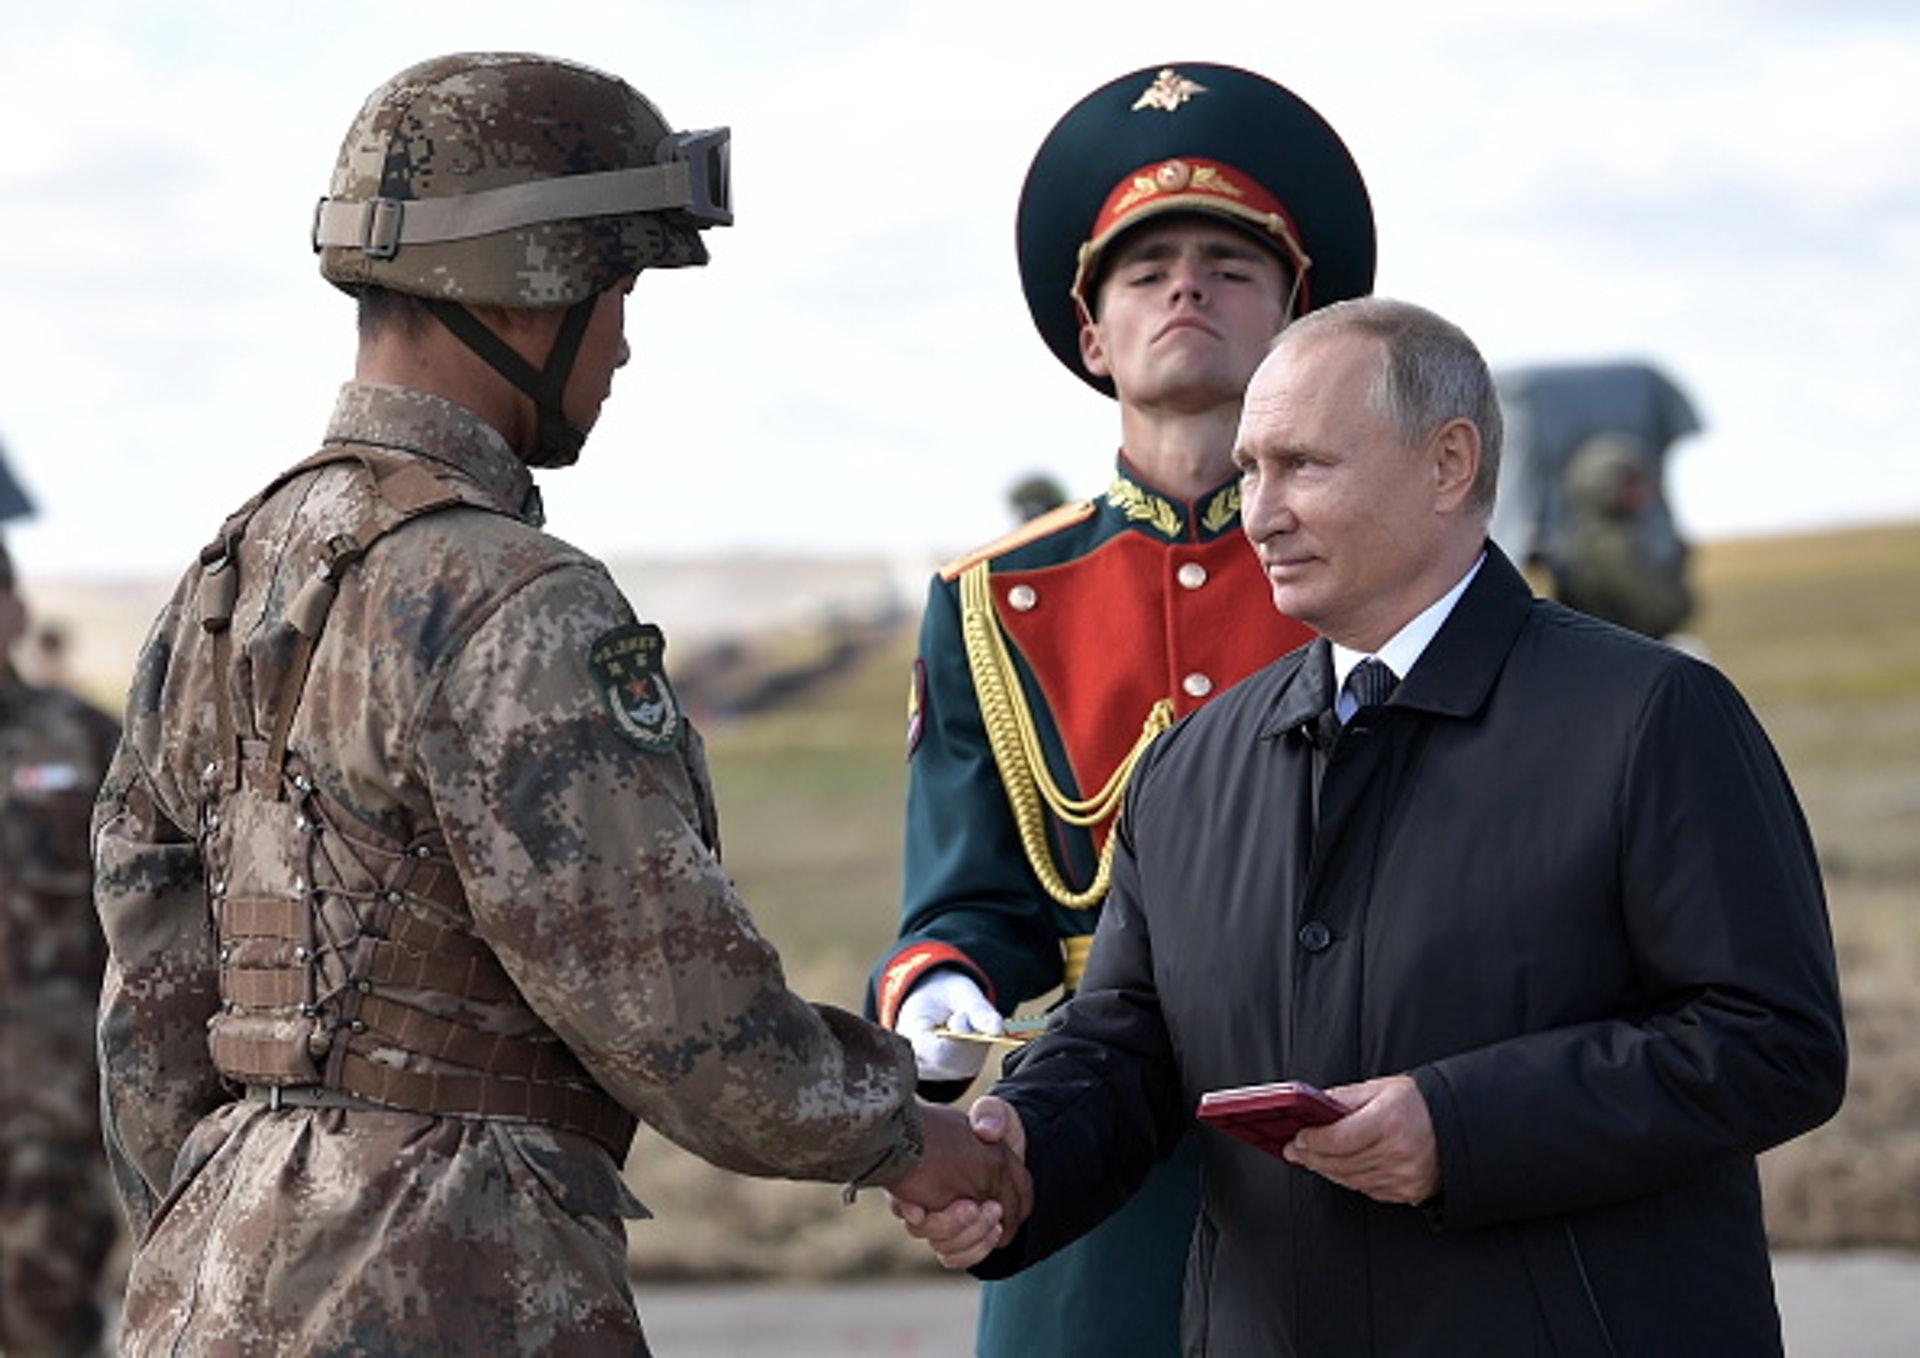 2018年9月13日,俄羅斯總統普京親自向參加東方2018聯合軍演的中國軍人頒發獎章。從普京第三任期開始,俄中雙方的軍事合作迅速發展。其合作互信之緊密,導致部分西方輿論甚至出現了「俄中可能結成新軍事同盟」的擔憂之聲。(GettyImages)